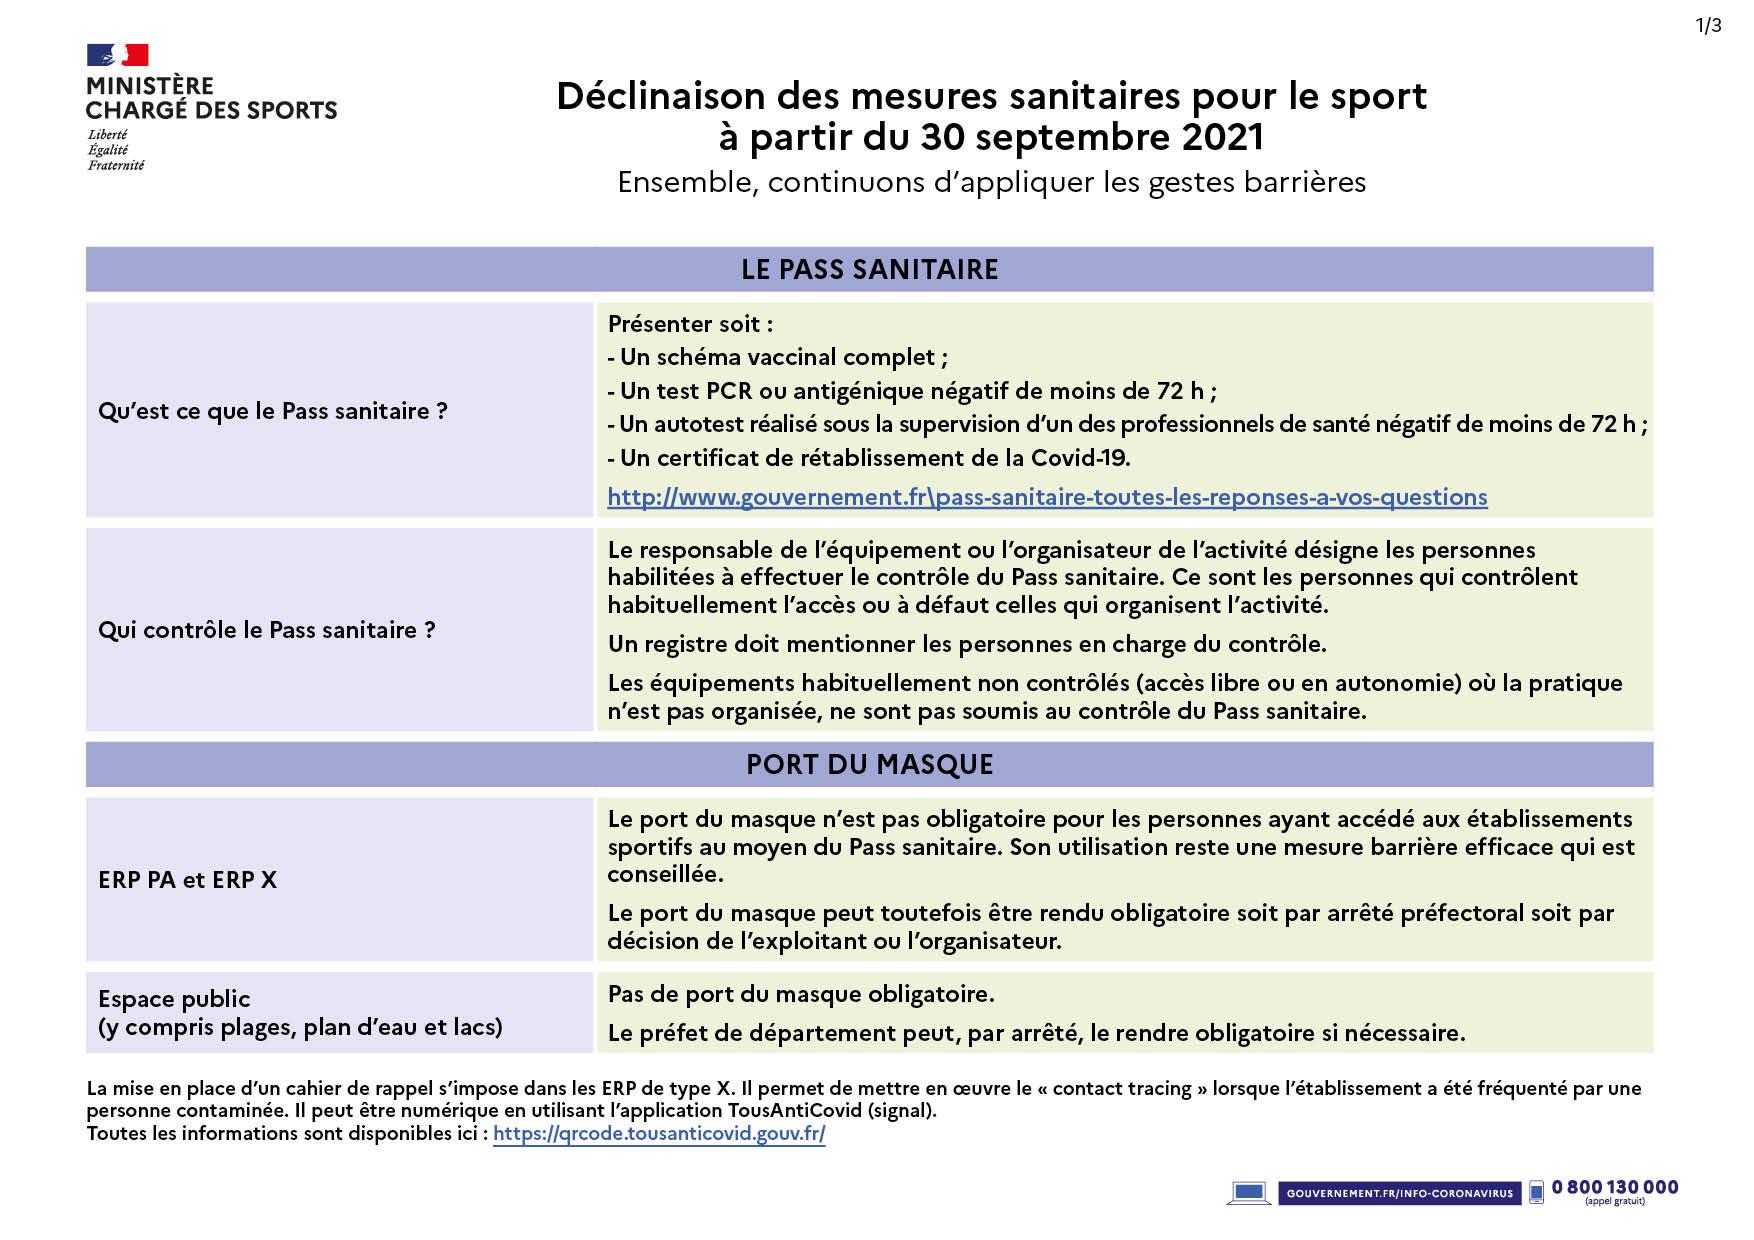 Décisions sanitaires applicables au sport à partir du 30 septembre 2021